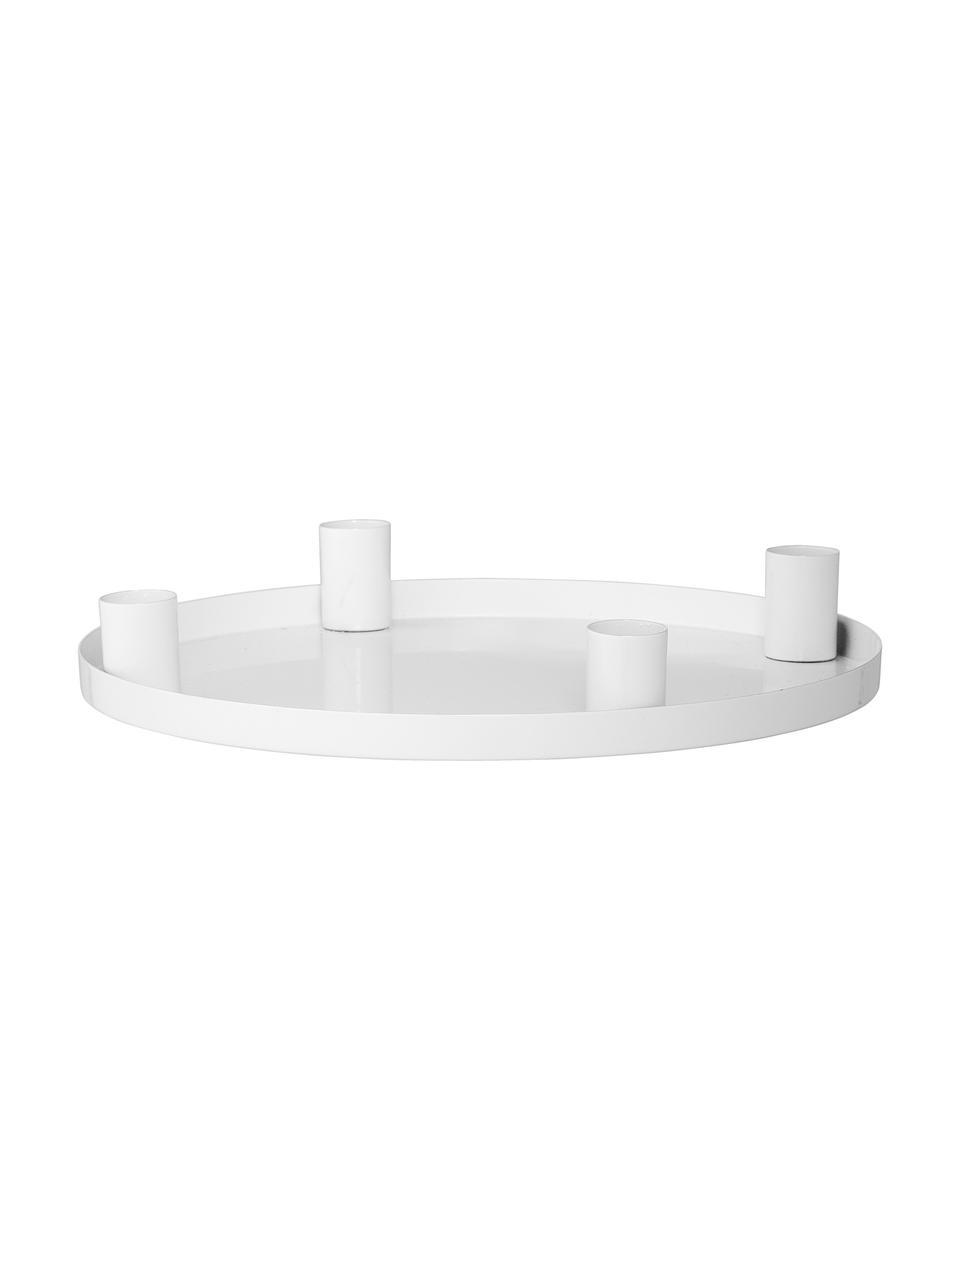 Kerzenhalter Advent, Metall, beschichtet, Weiß, Ø 25 x H 4 cm